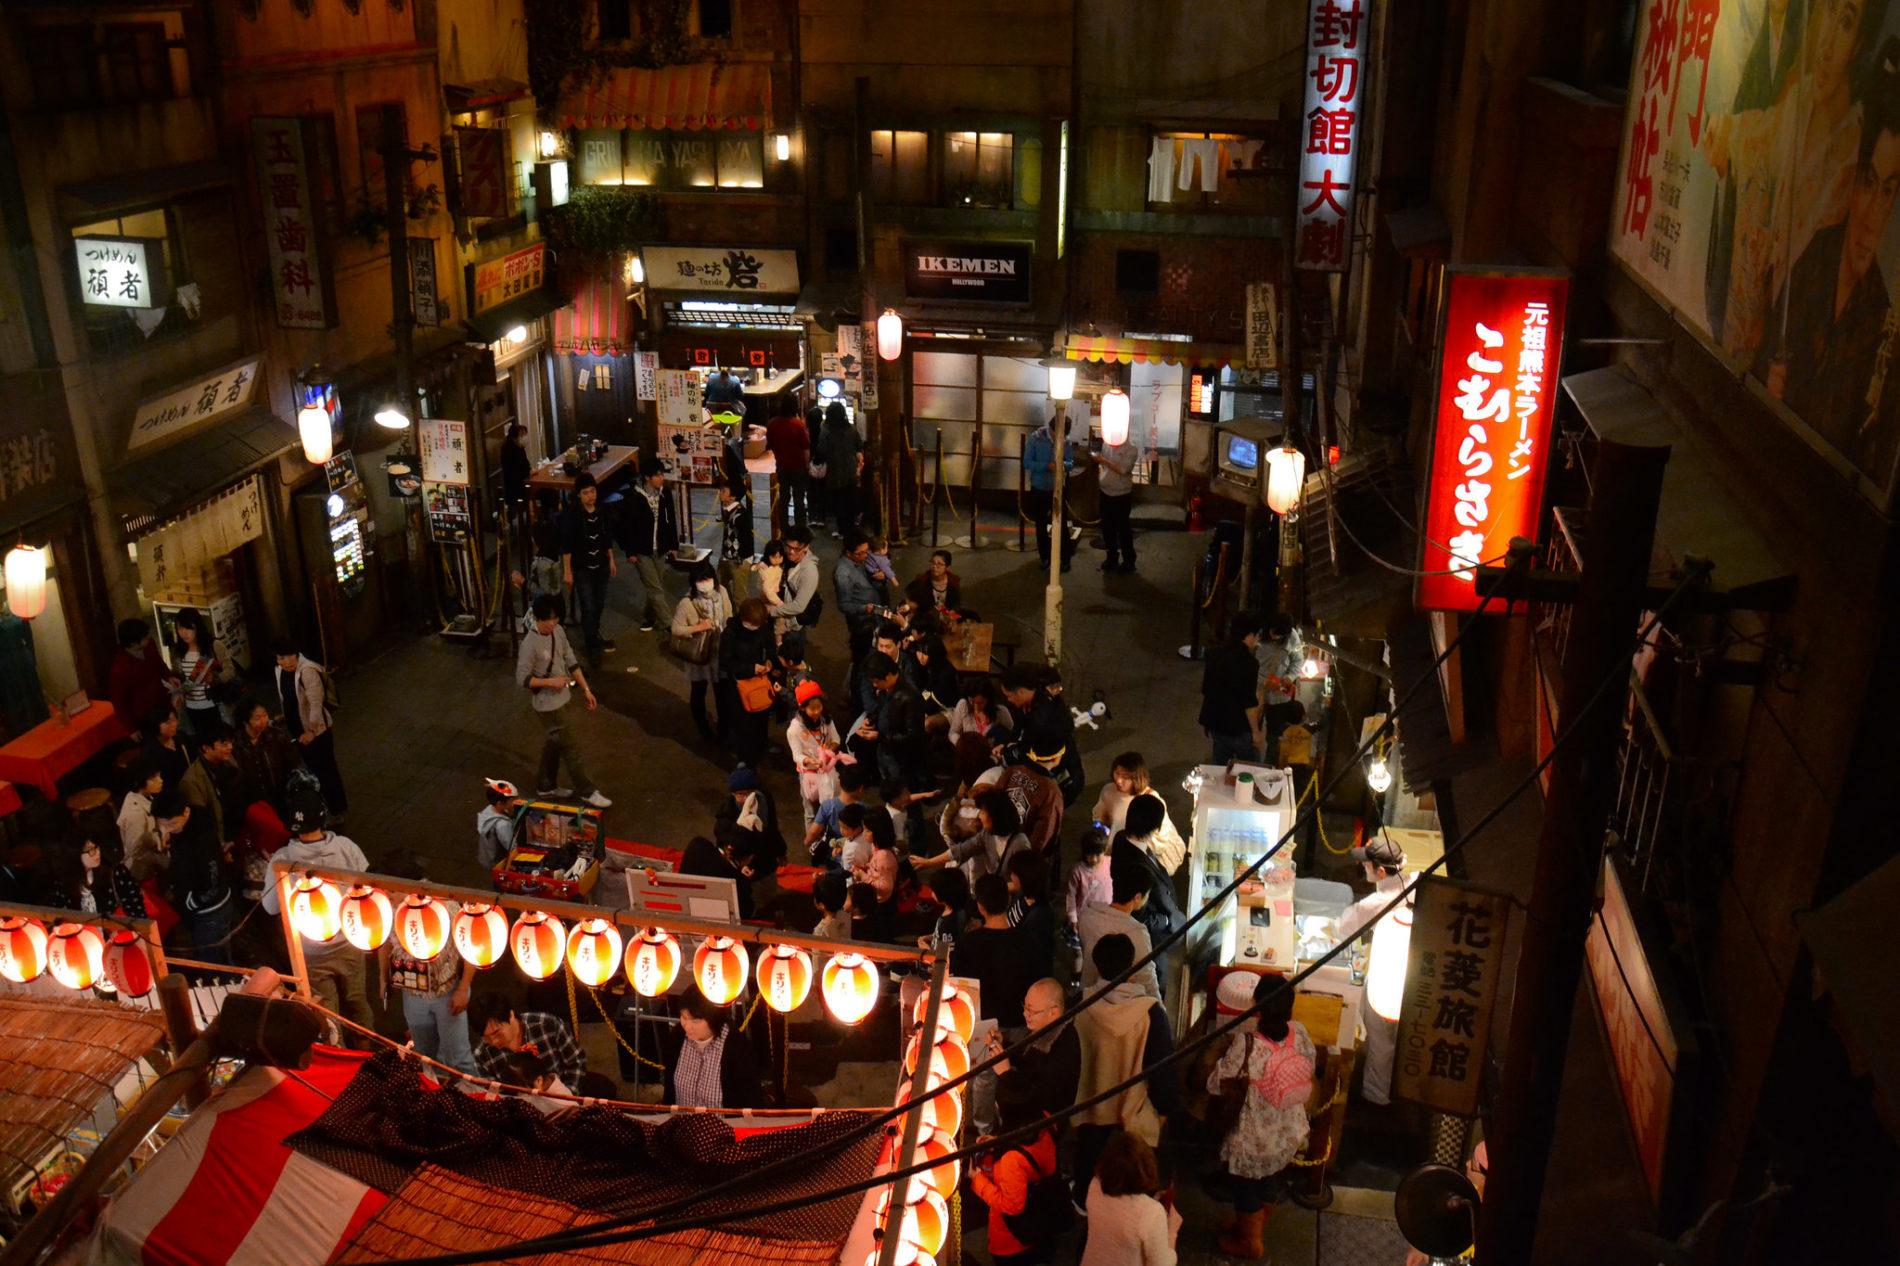 Ganz nostalgisch geht es im Ramen Museum in Yokohama zu. (Foto: Aapo Haapanen auf Flickr https://www.flickr.com/photos/decade_null/13284912484)